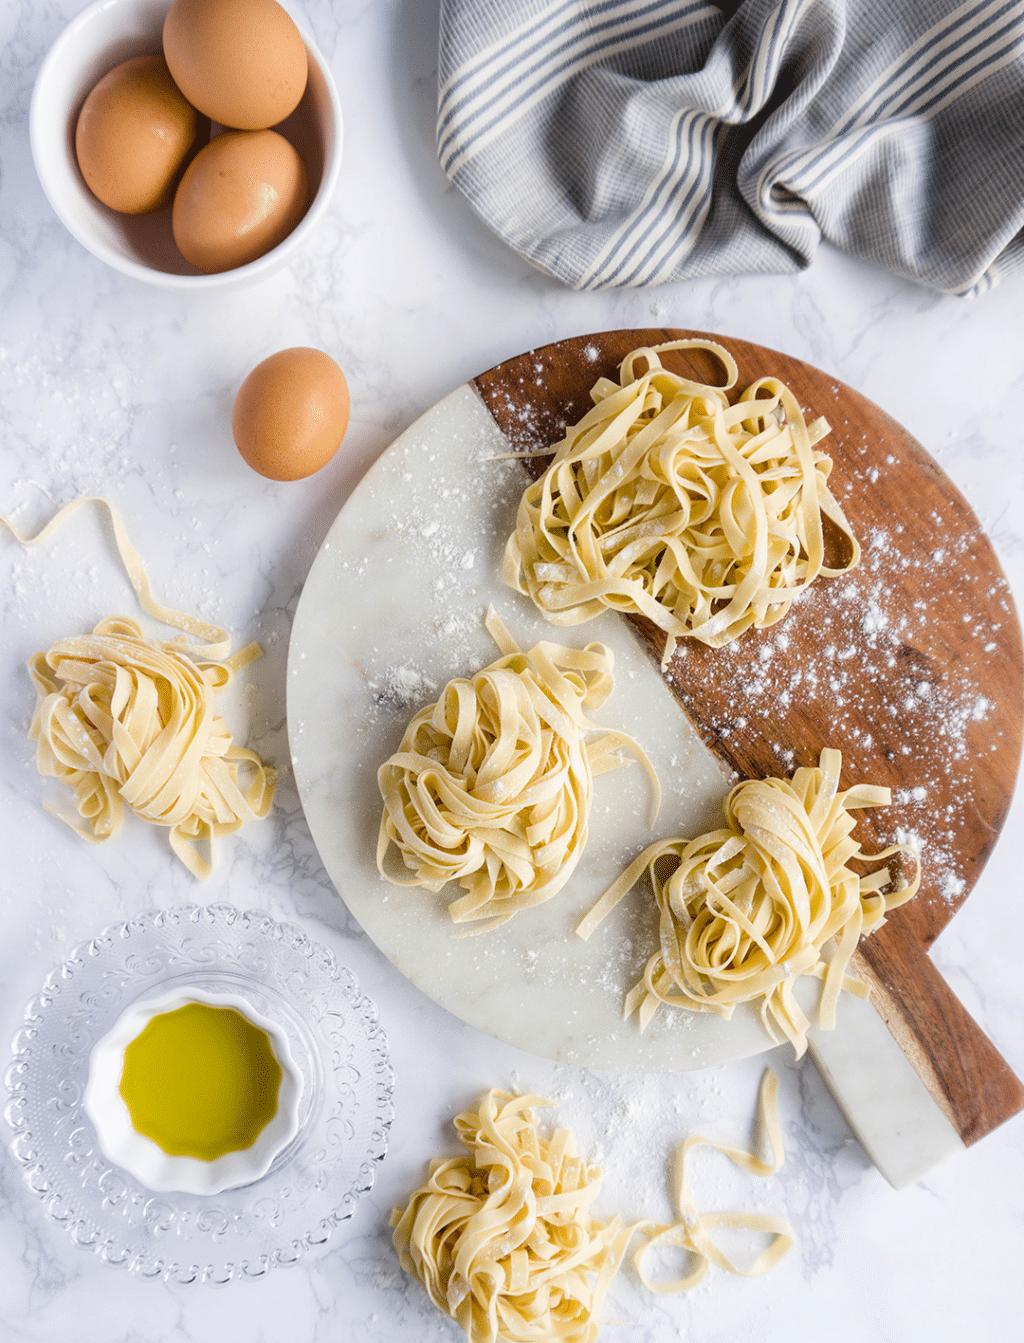 How to make easy homemade fettucine